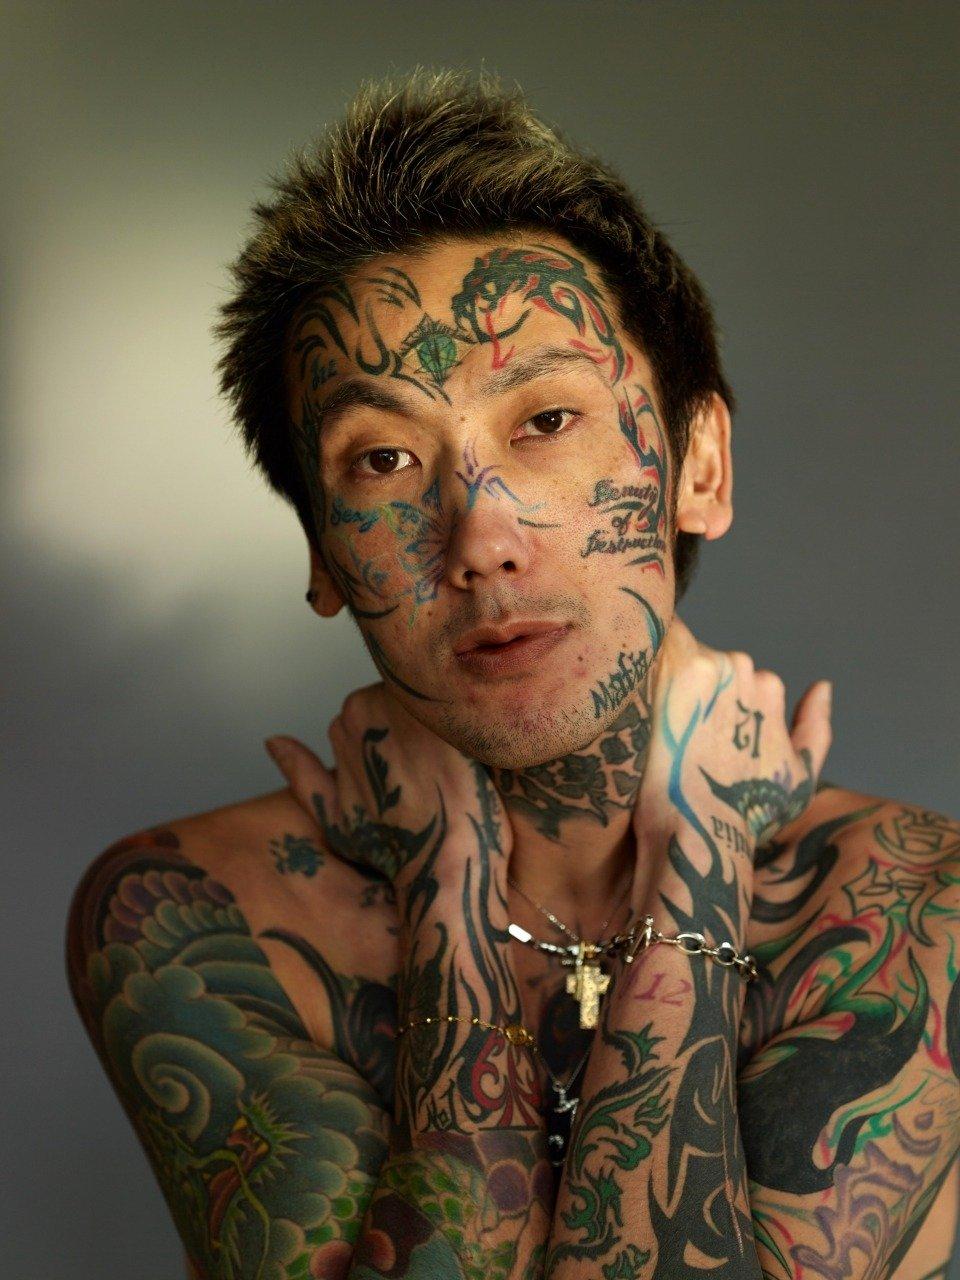 元アウトローのカリスマ!瓜田純士が顔にタトゥーを入れた理由